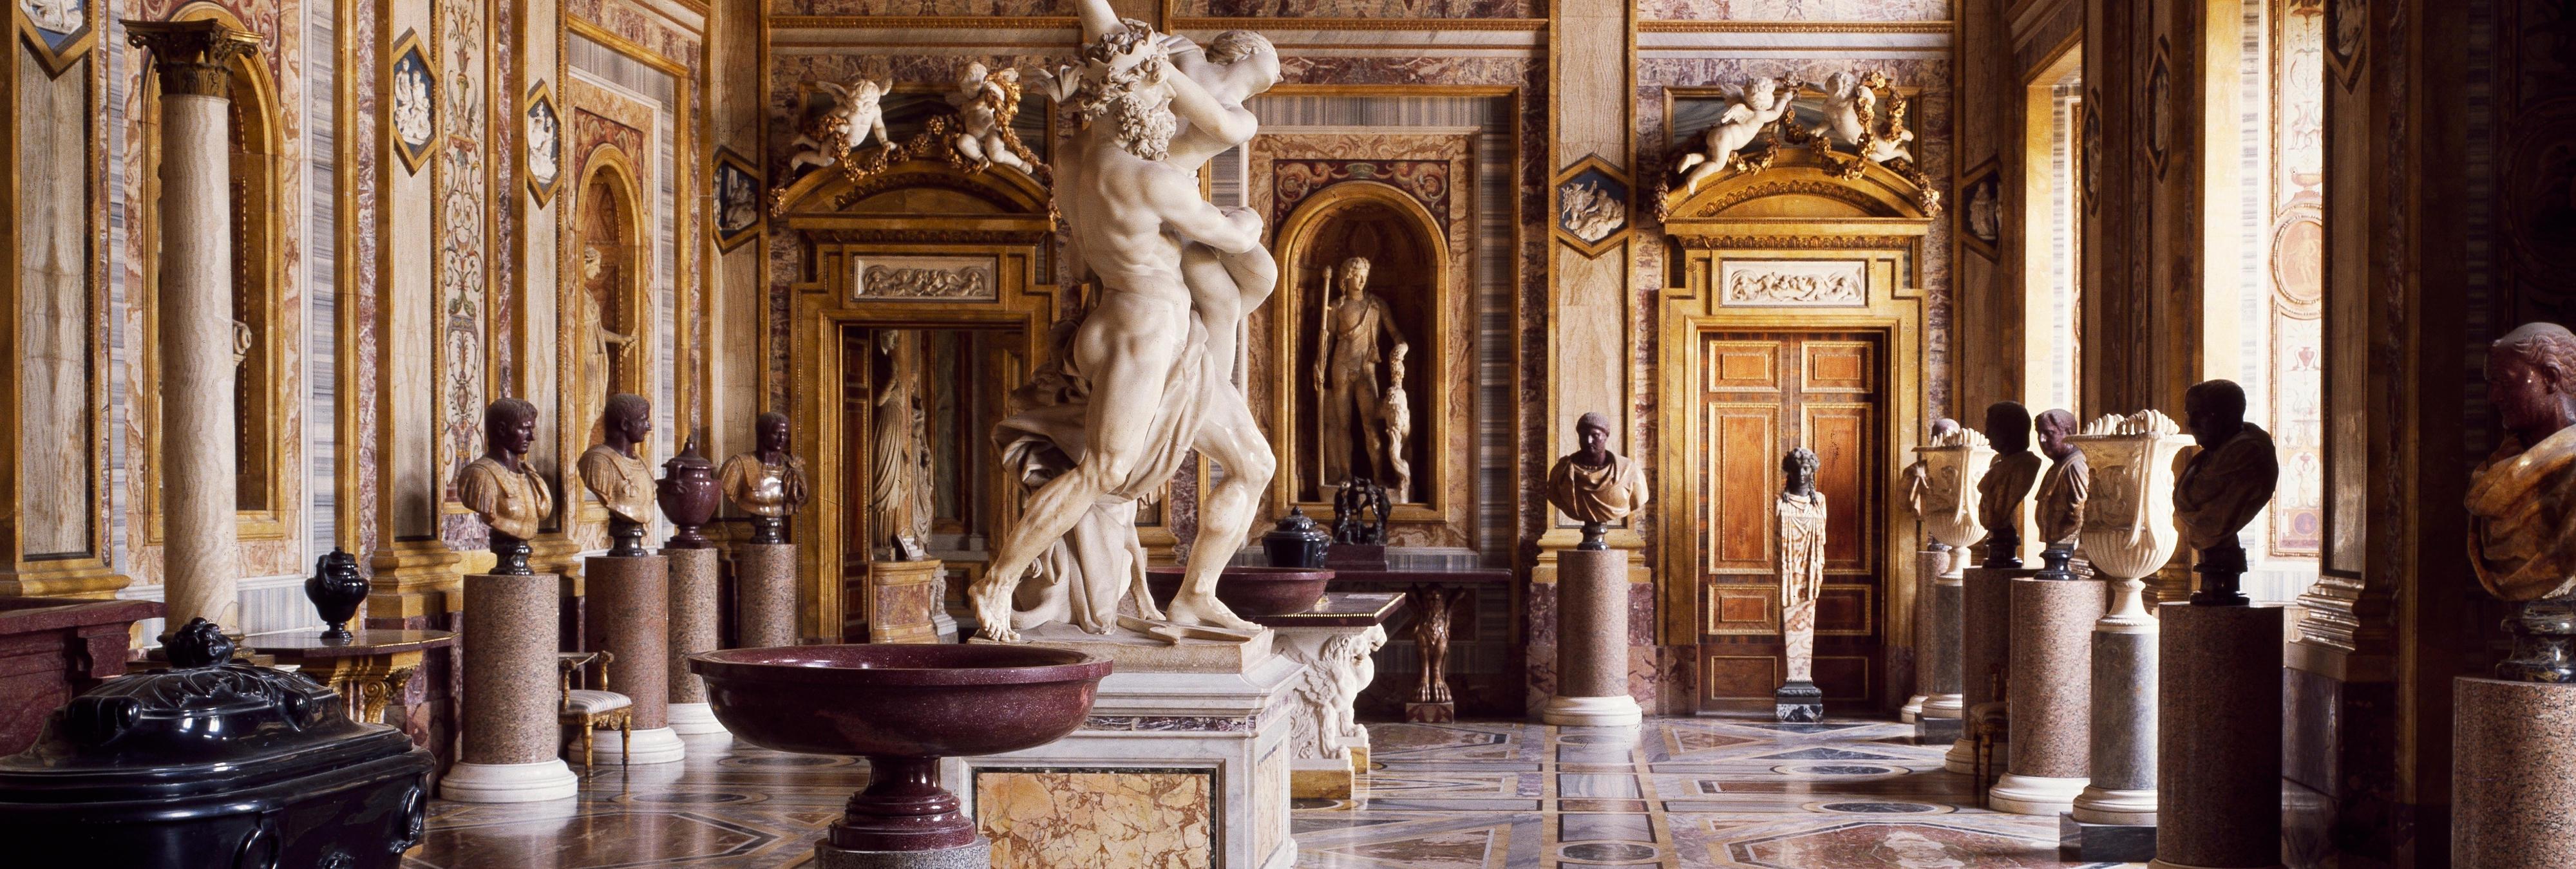 El gobierno italiano regalará 500 euros a los jóvenes para que los gasten en cultura